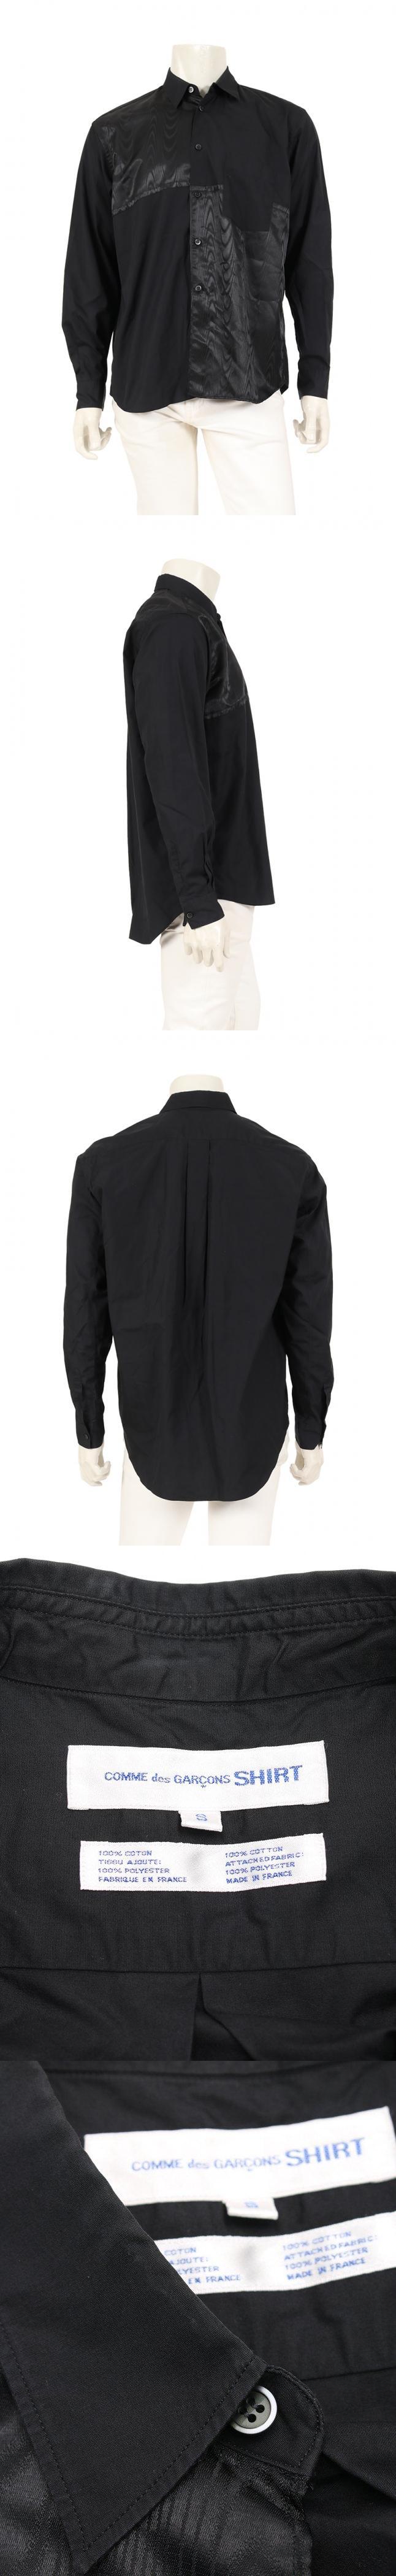 シャツ 黒 S トップス 長袖 コットン 異素材切替